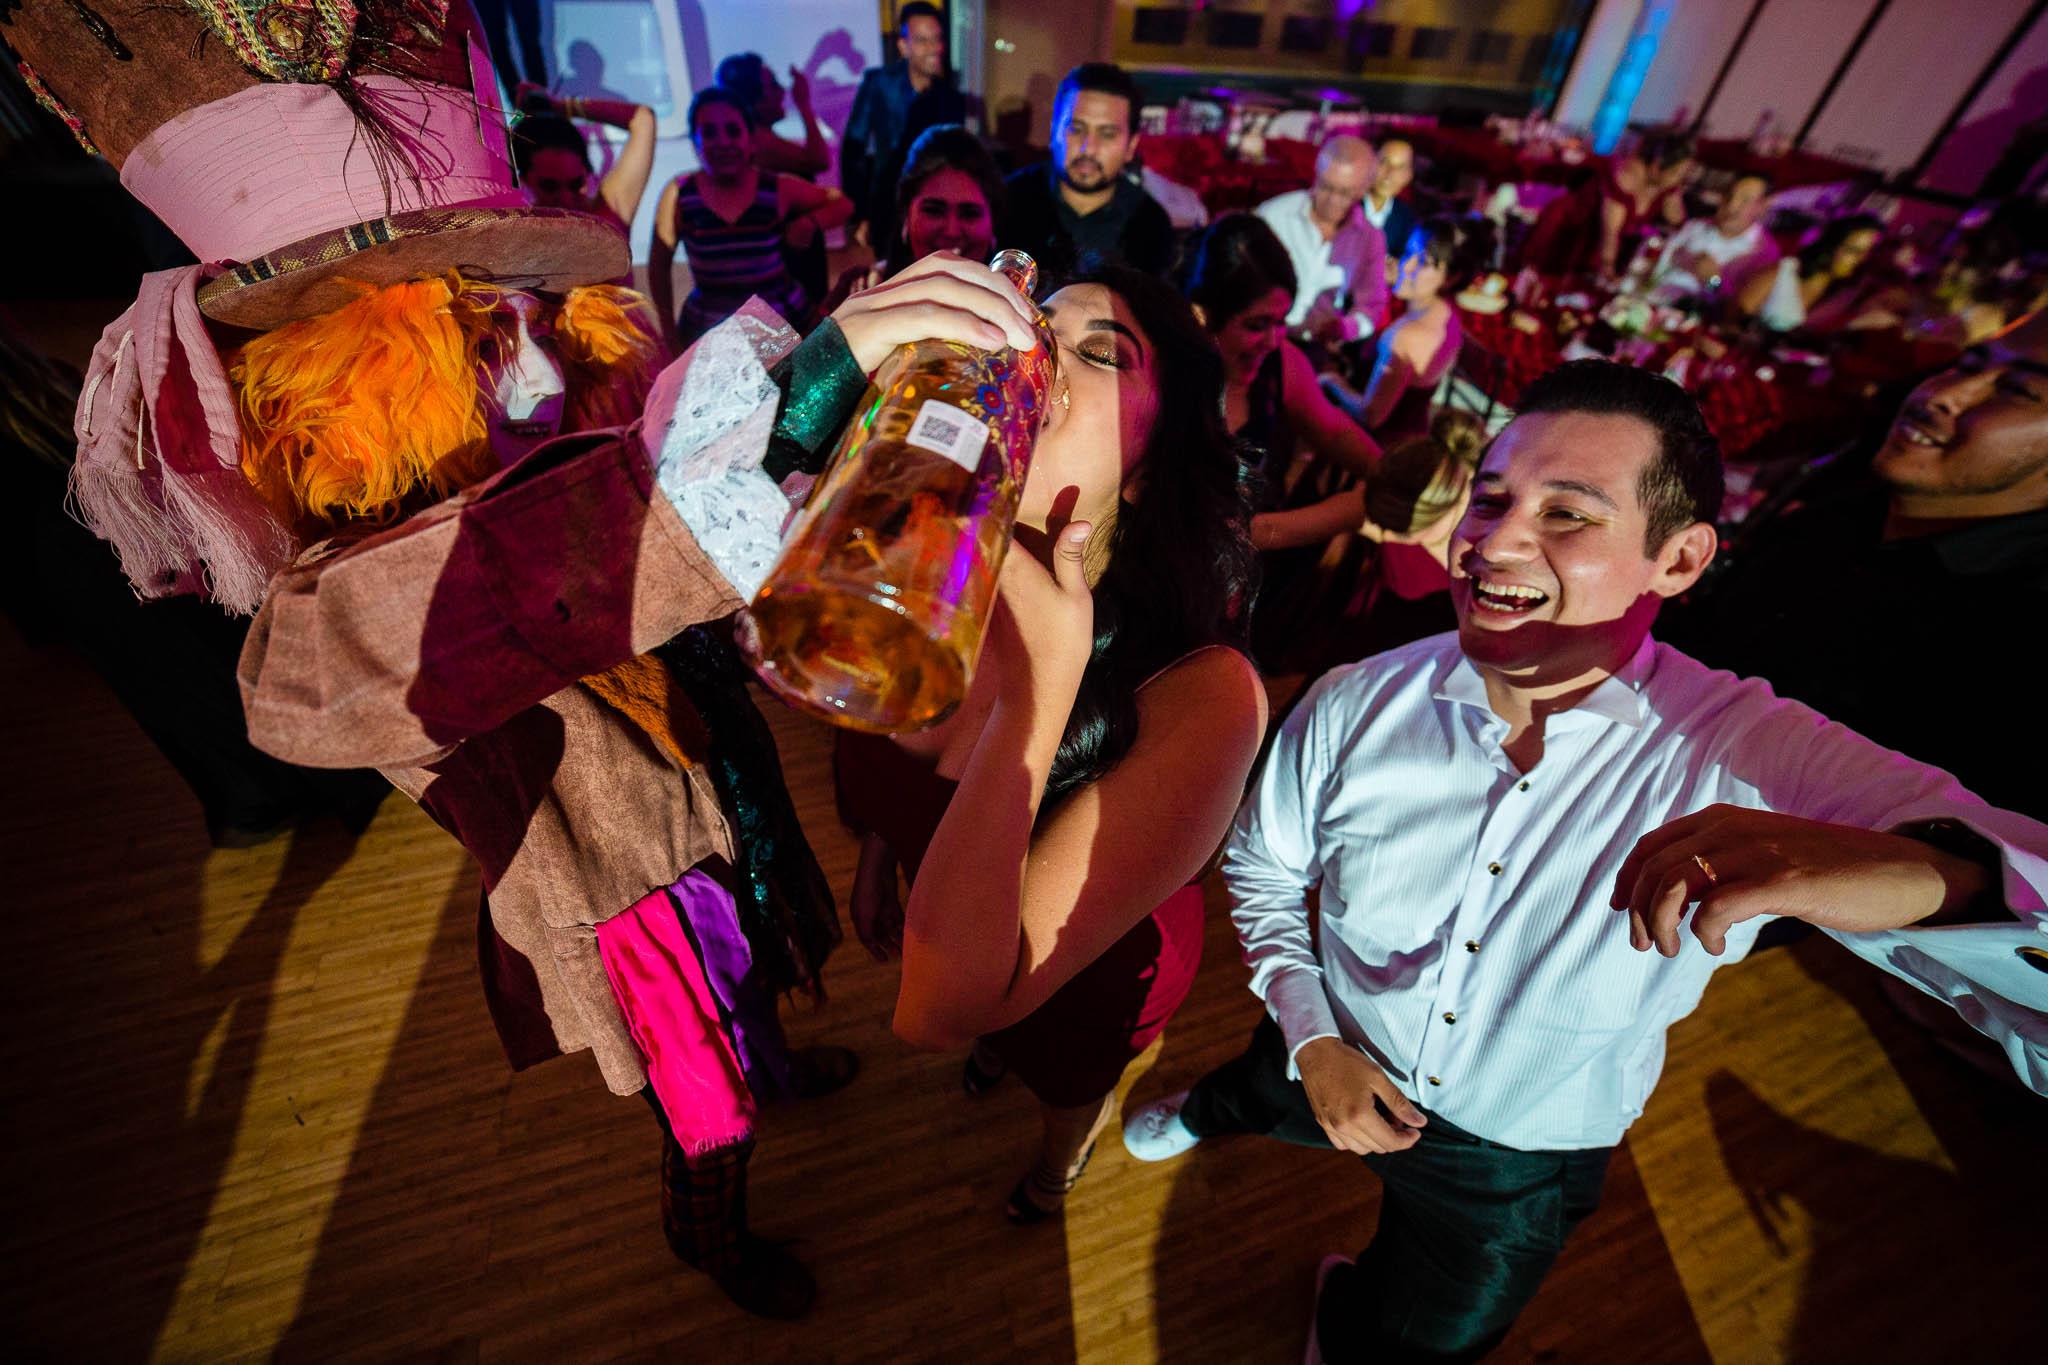 fotografo de bodas san luis potosi boda mexico wedding destination fotos de boda 268